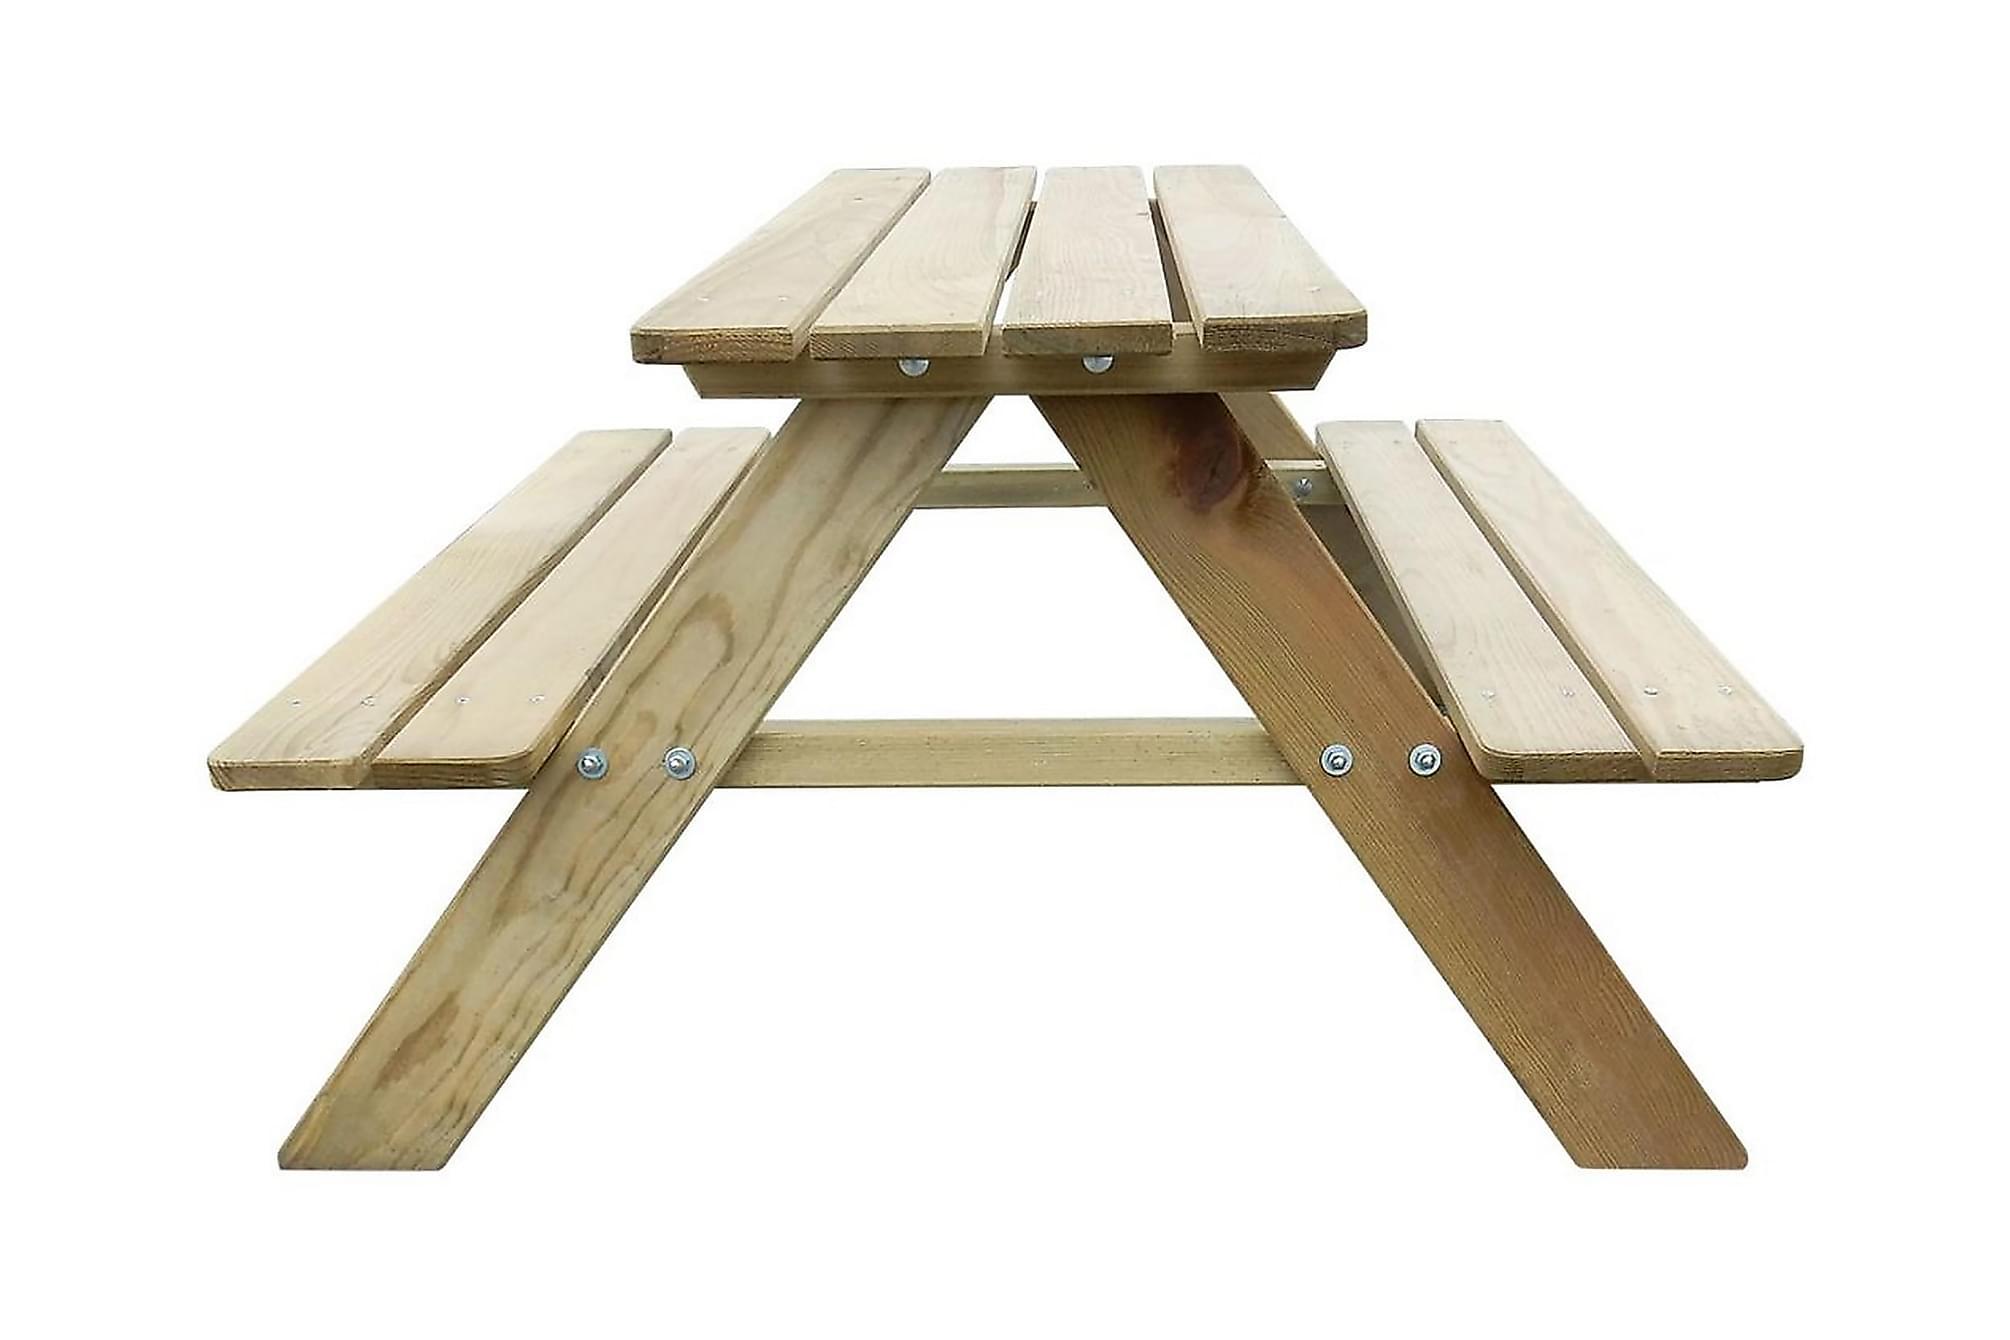 Picknickbord för barn 89 x 89,6 x 50,8 cm furu, Picknickbord